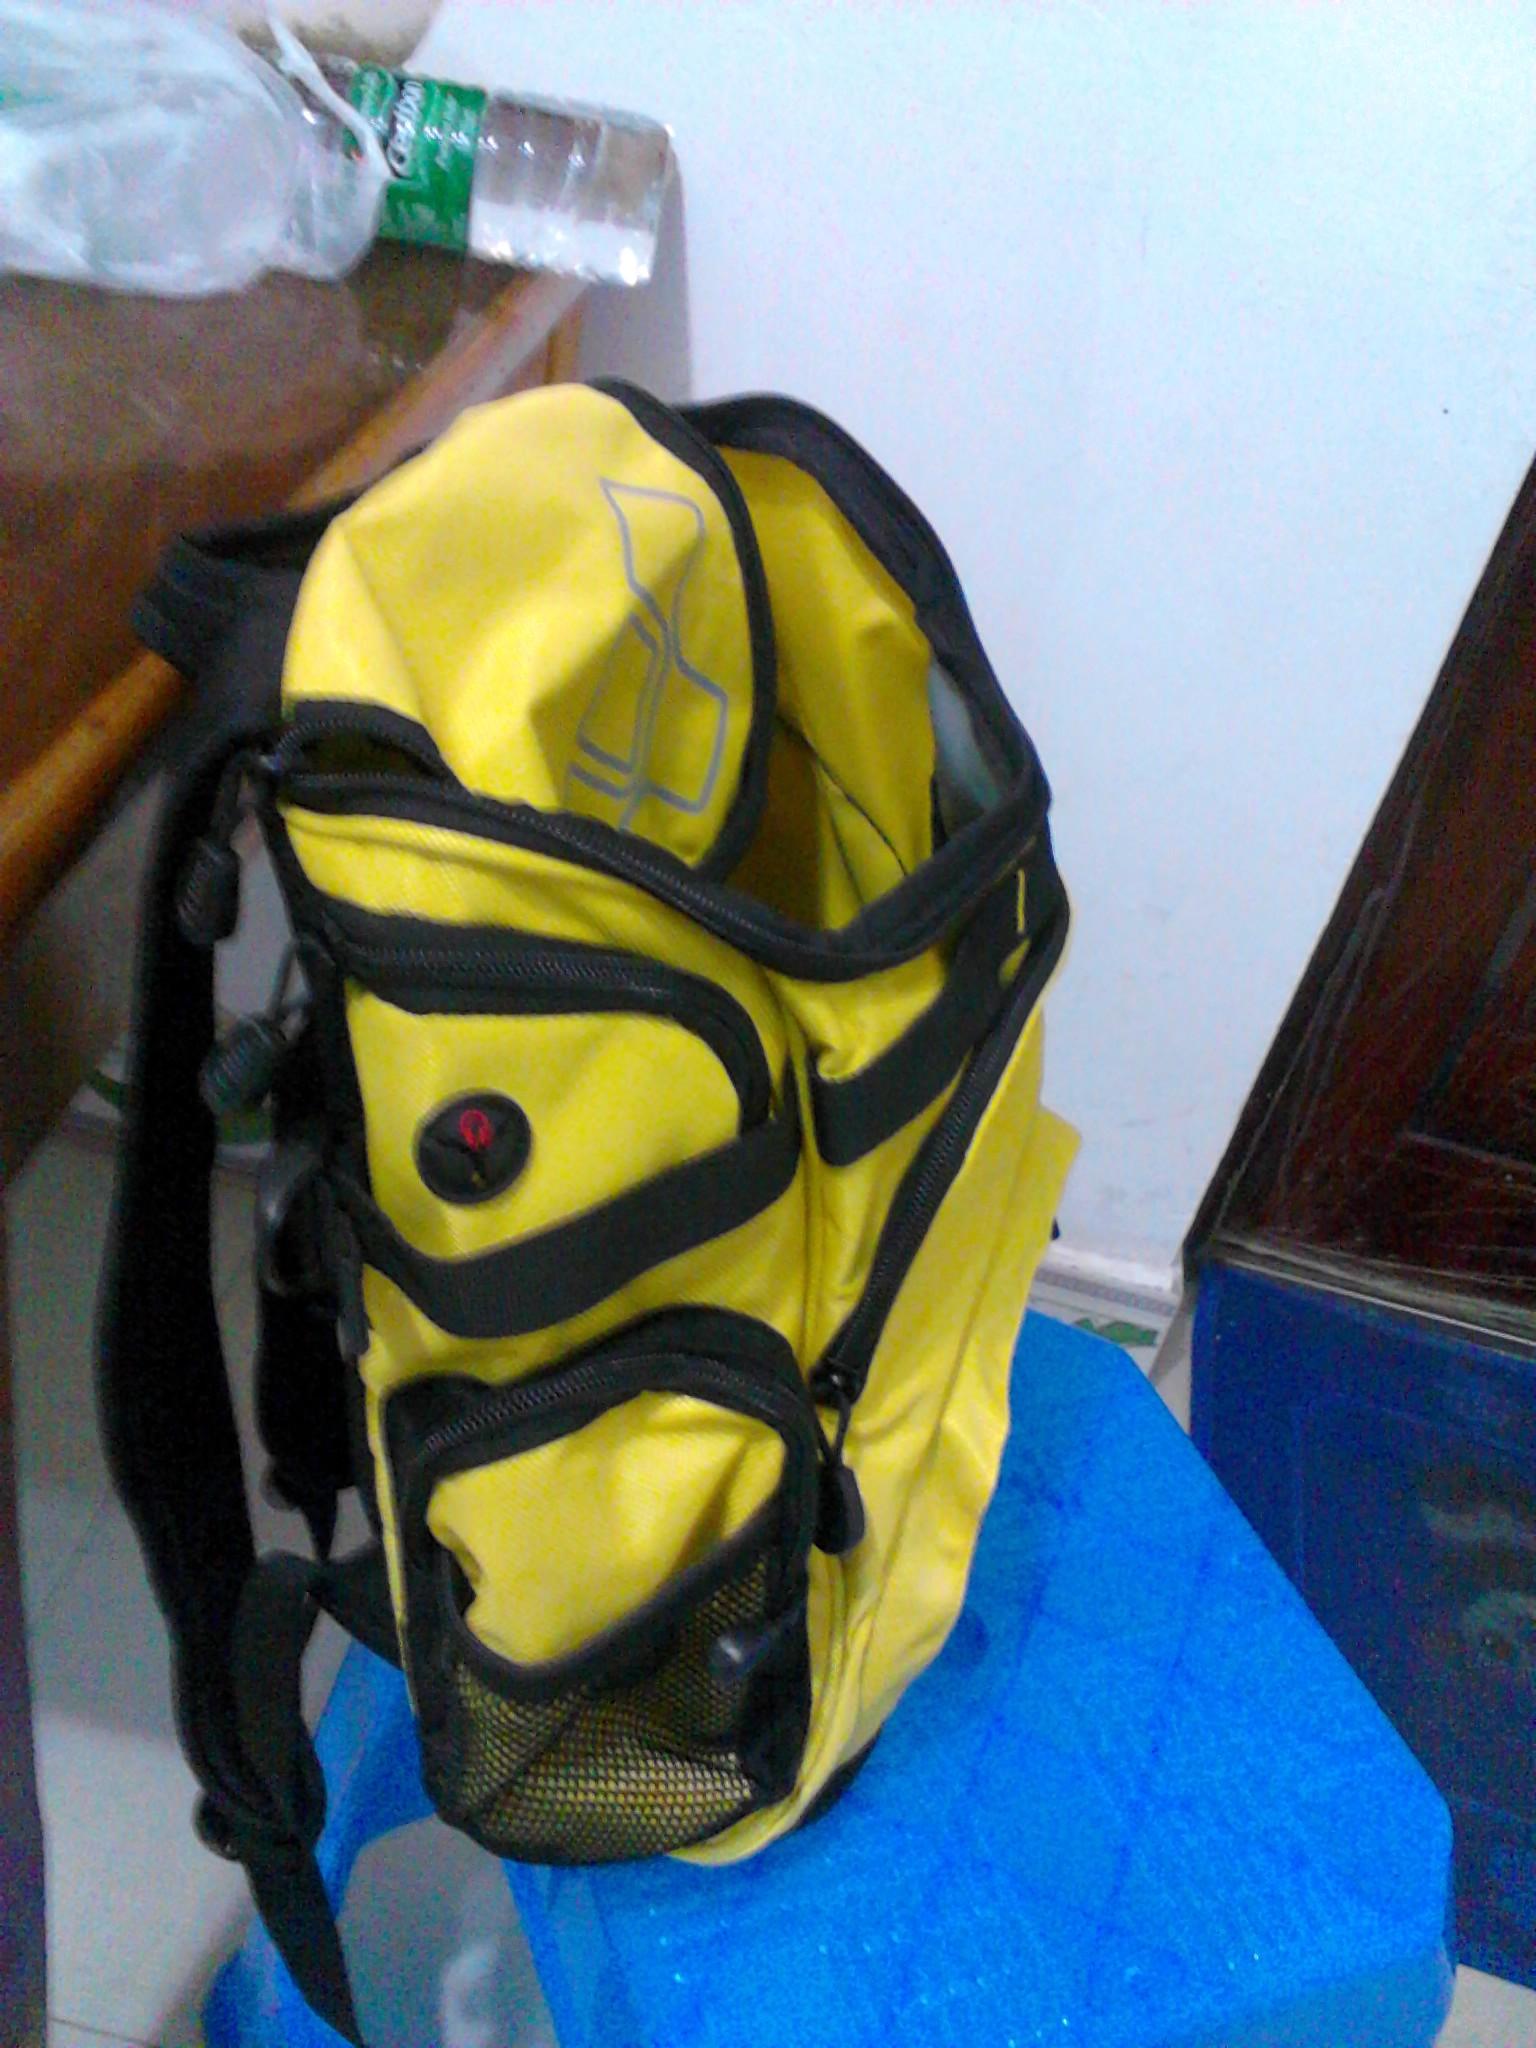 hong kong shopping online free shipping 00275706 bags